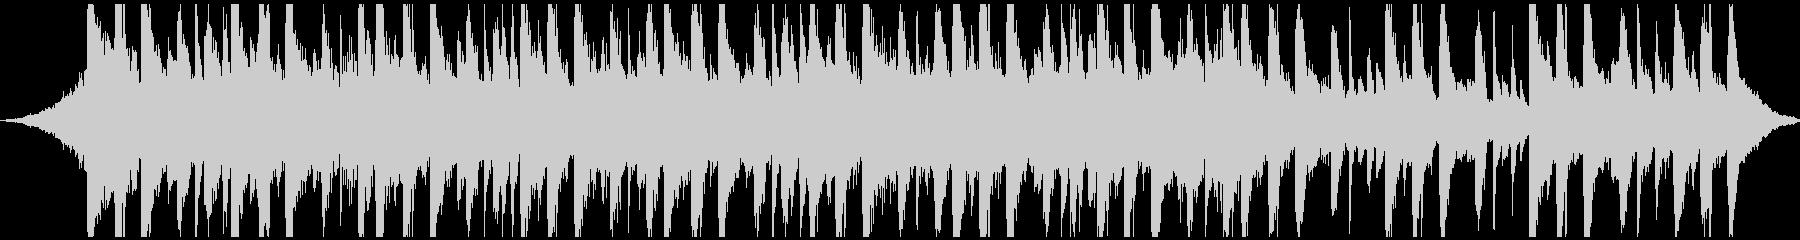 技術的なサウンドのシンセパターン、...の未再生の波形